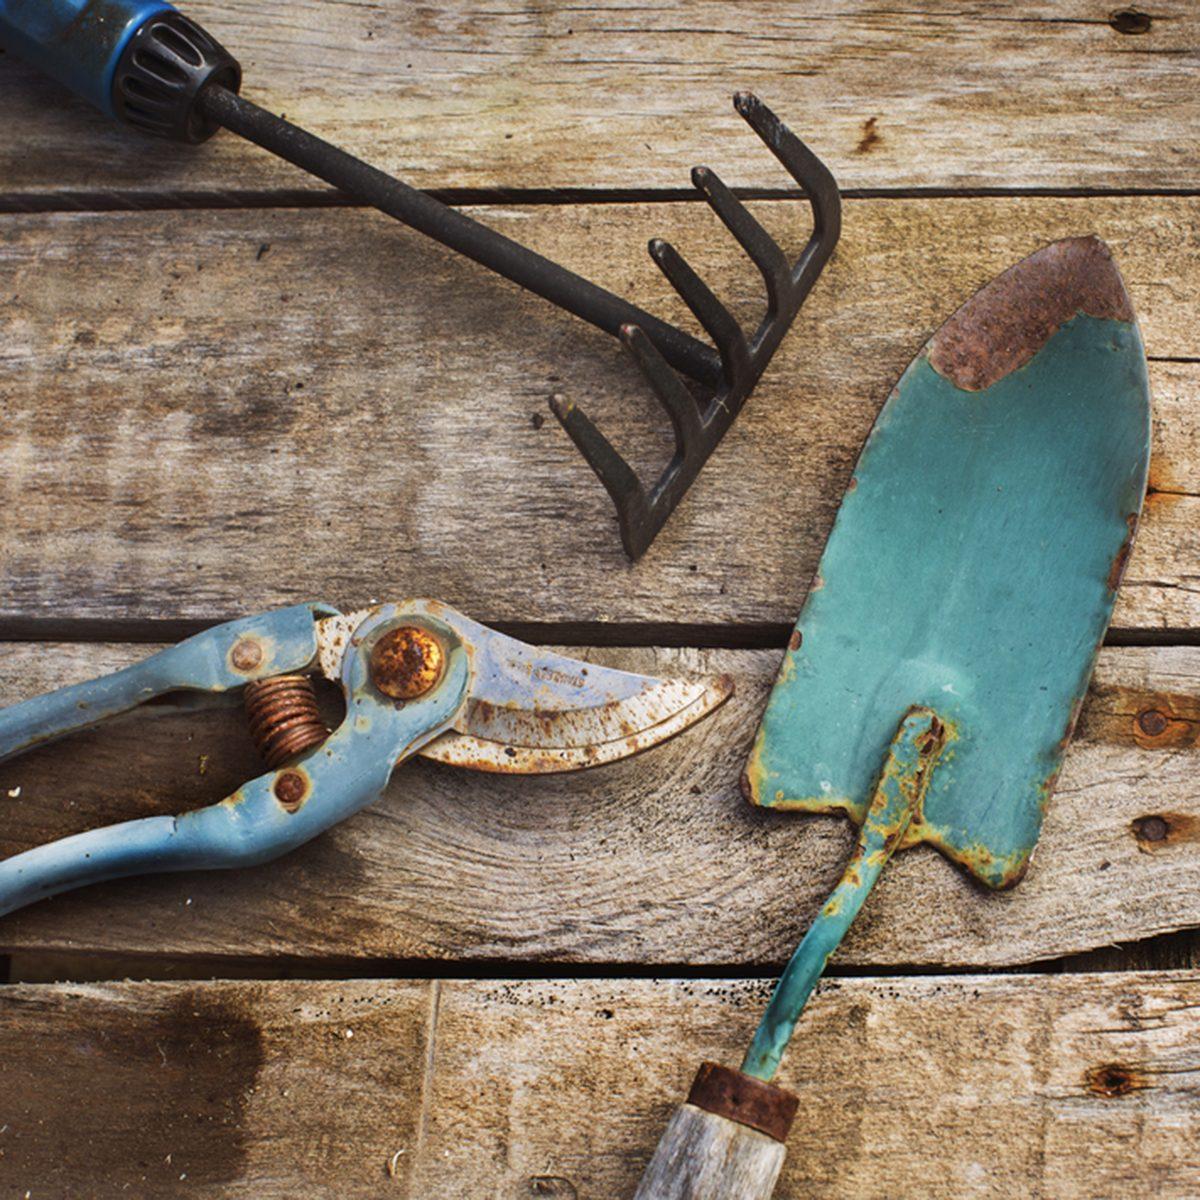 Old garden tools; Shutterstock ID 526126981